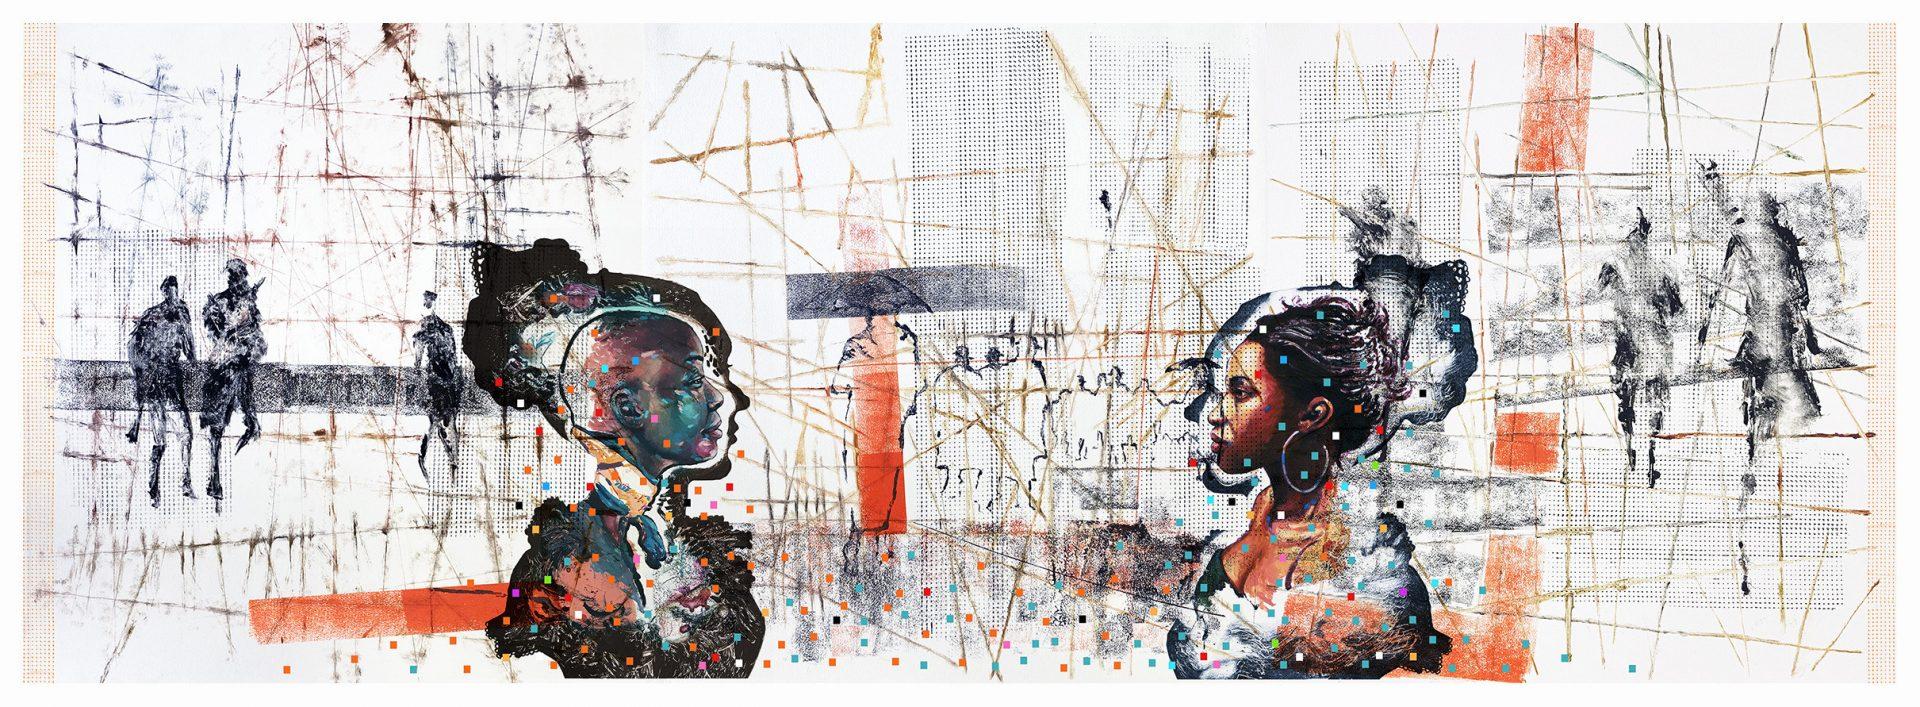 VORTEXChristiaan Diedericks & Shui-Lyn White